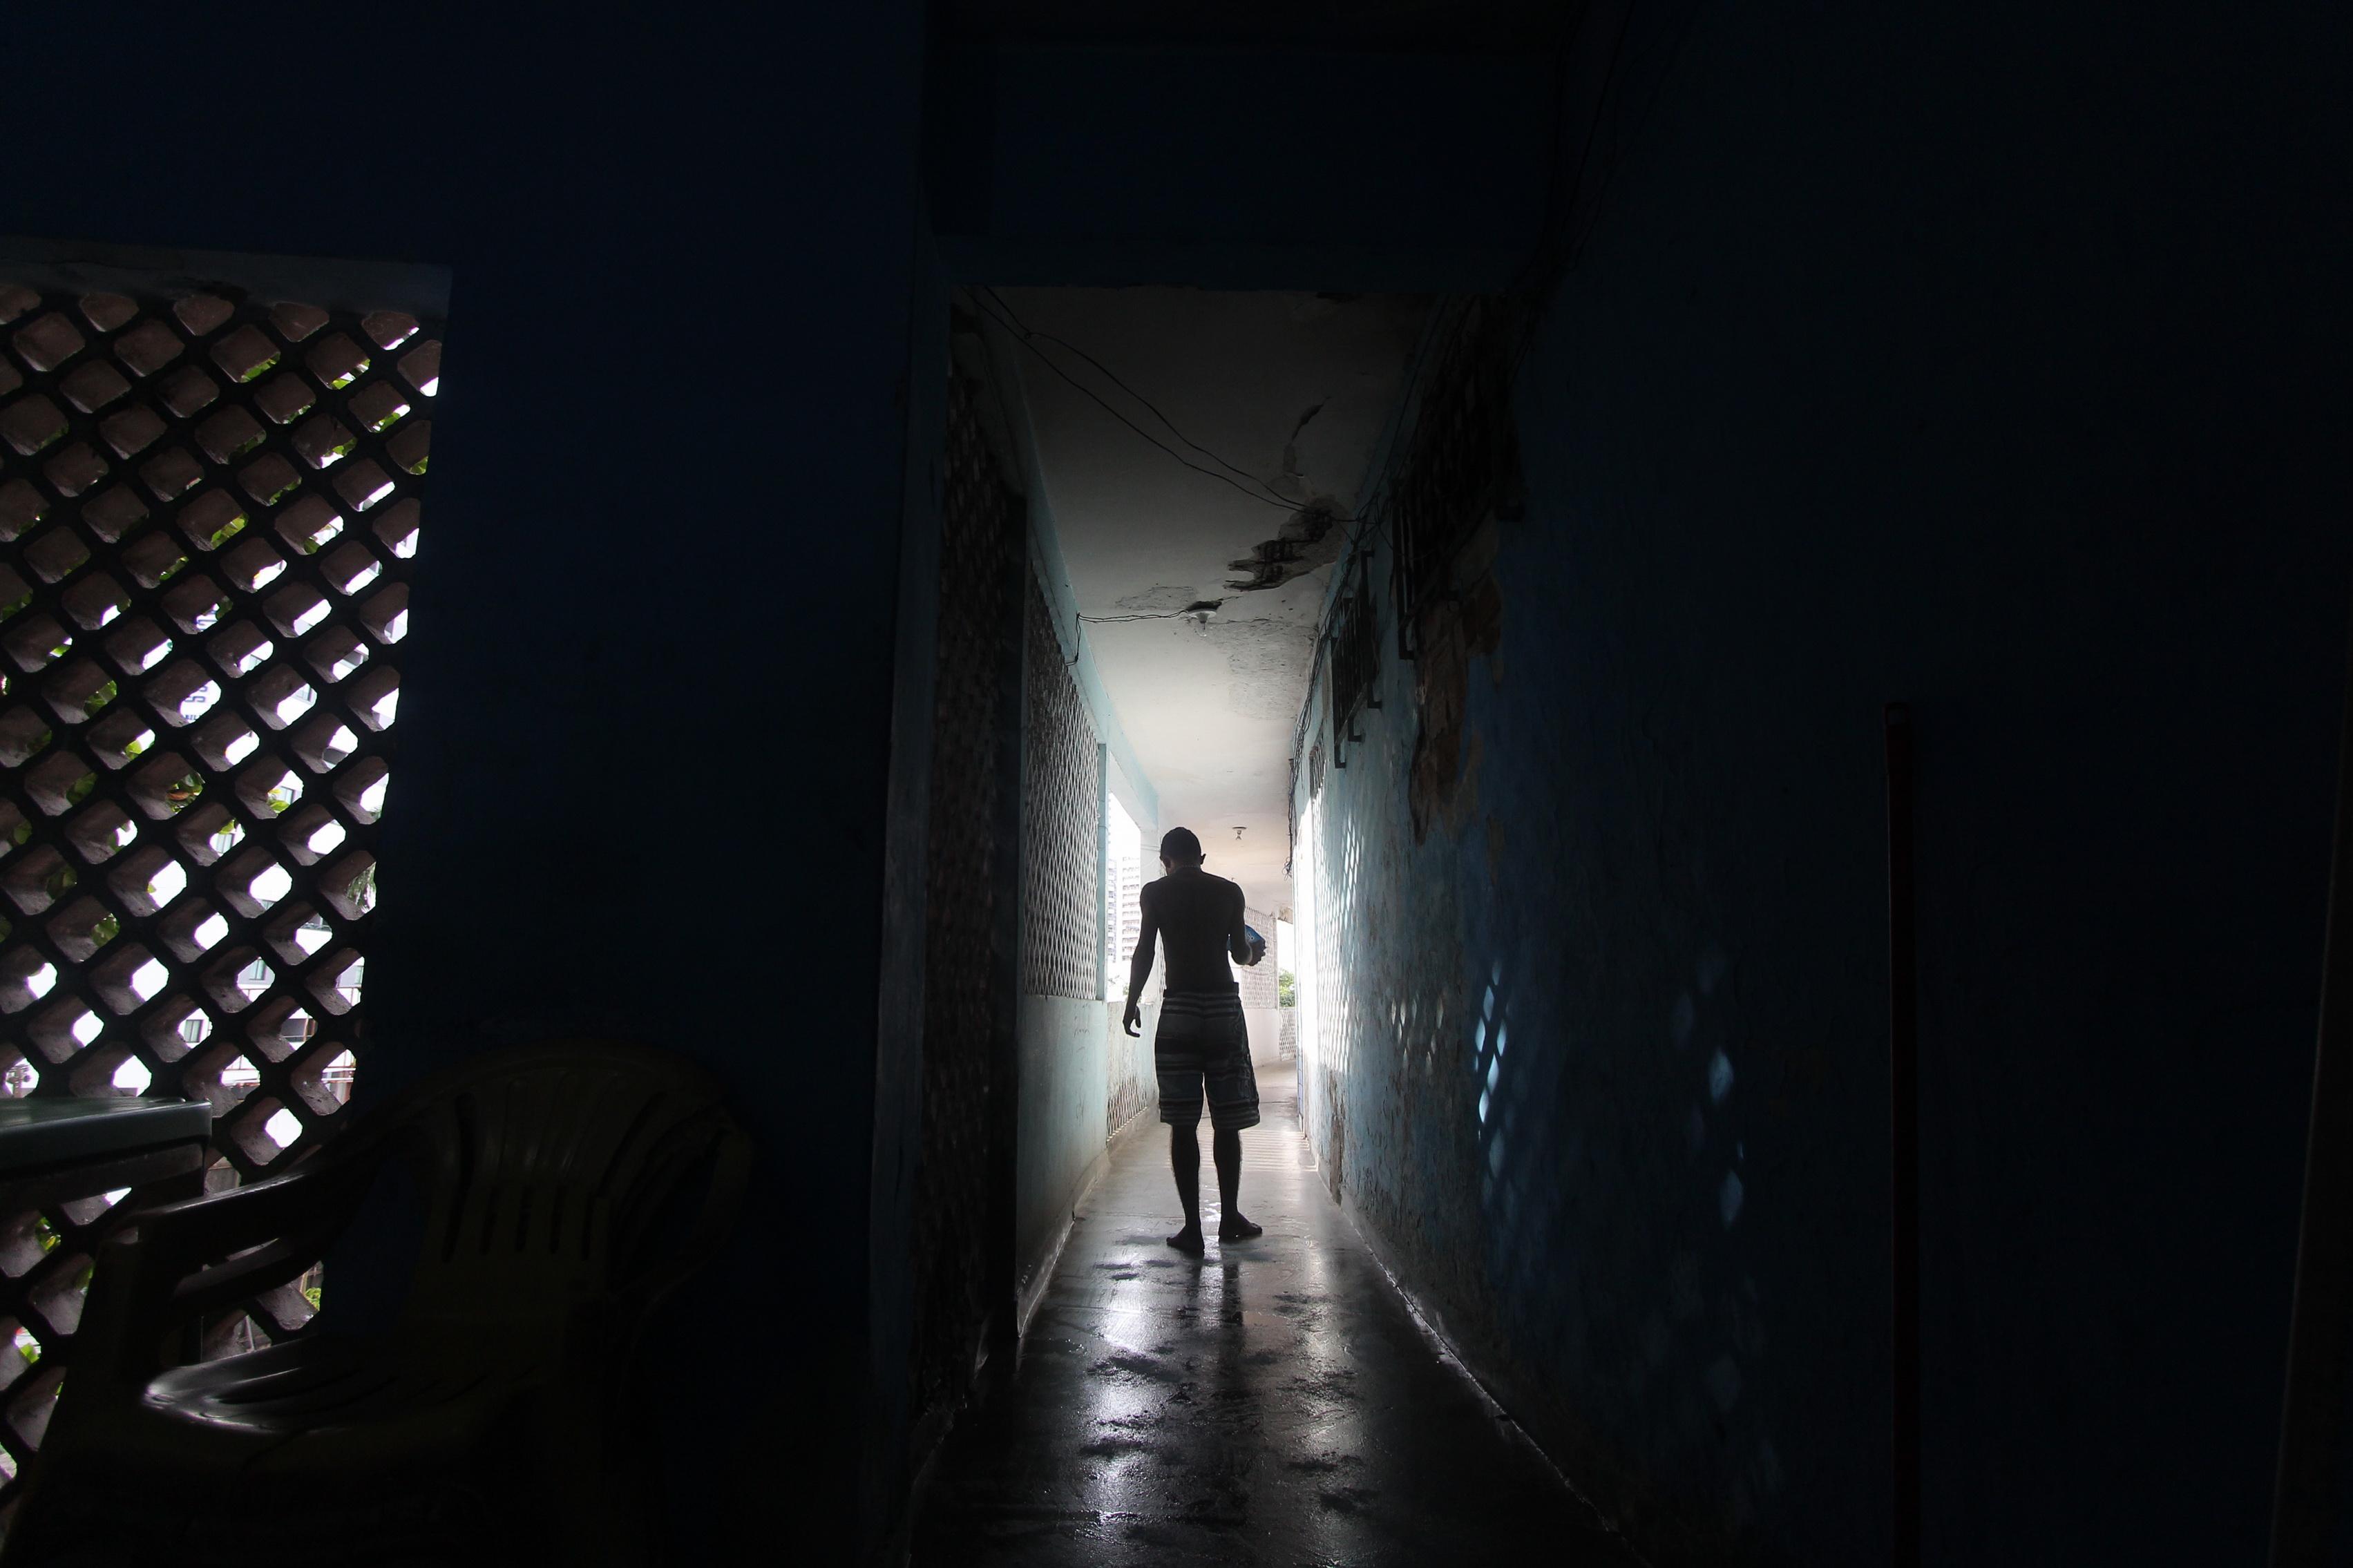 Celpe tentou cortar a luz na sexta, mas os moradores impediram a ação  crédito Mandy Olivieira Especial DP